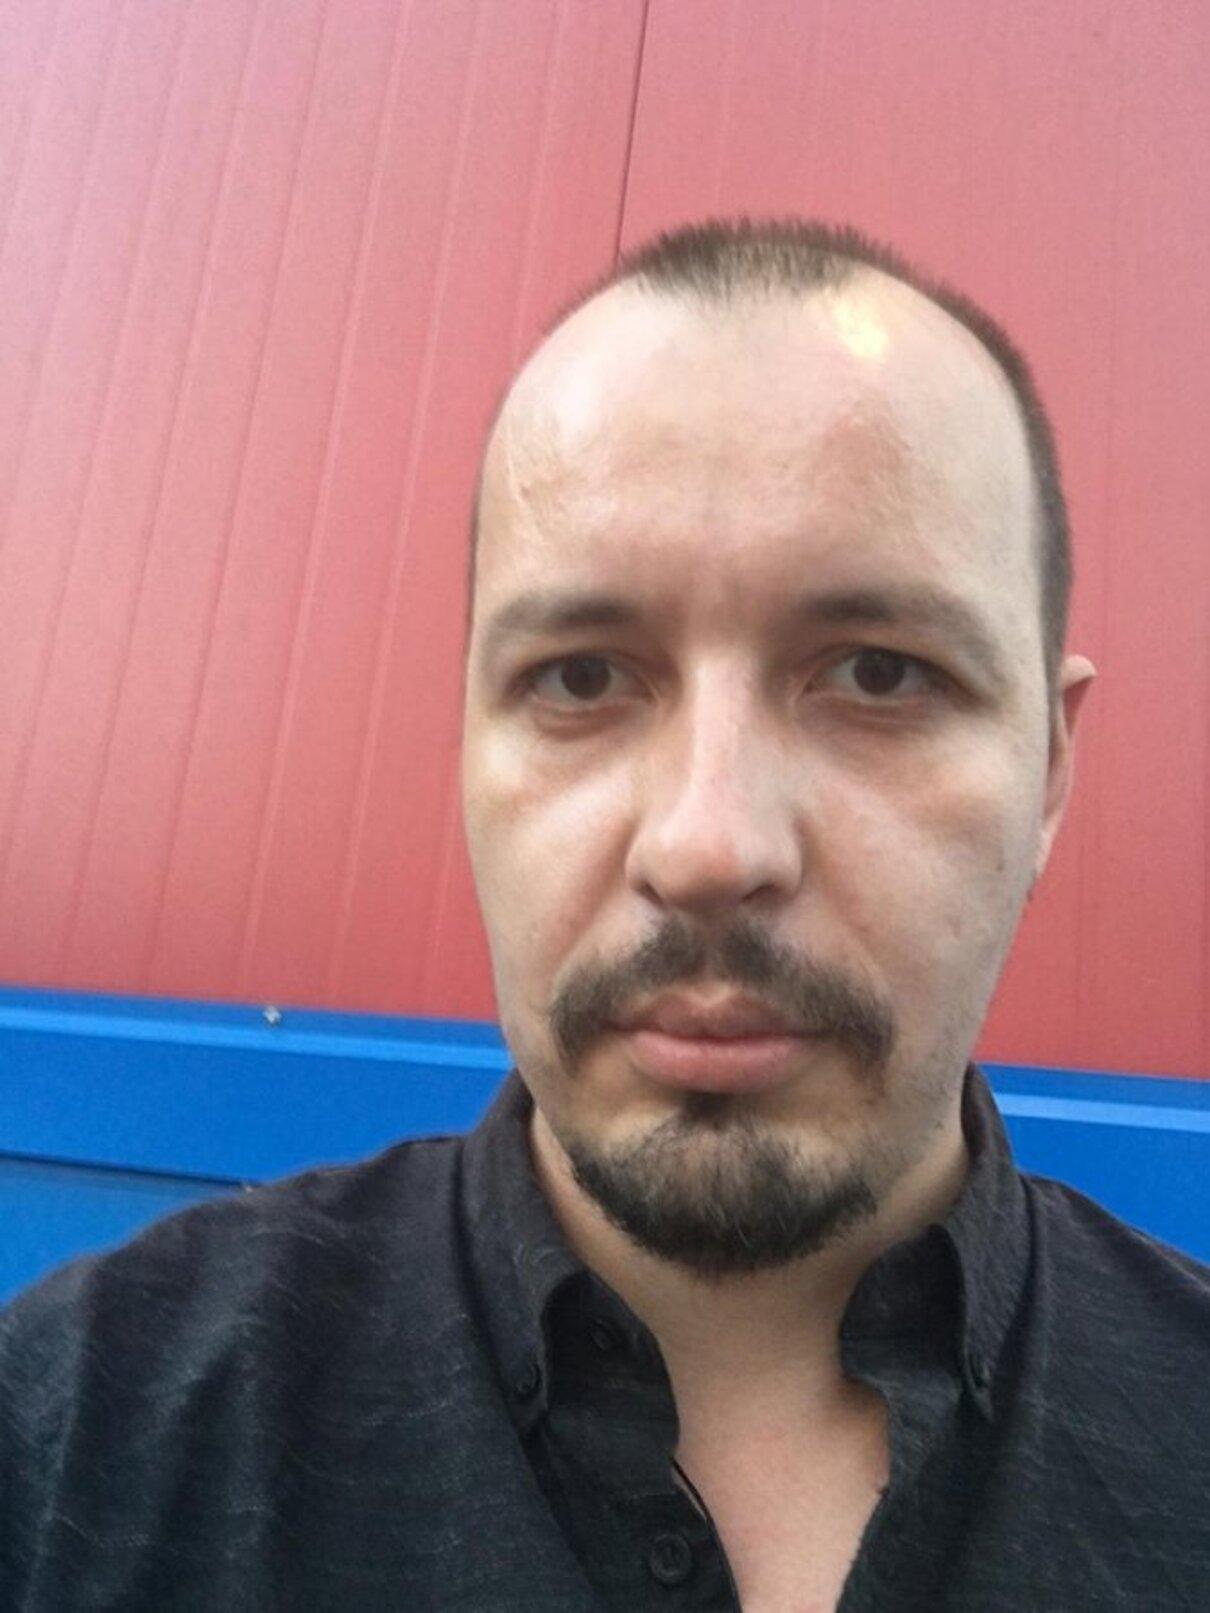 Жалоба-отзыв: Денисов Андрей Александрович - Риэлтор обманщик +79110282087